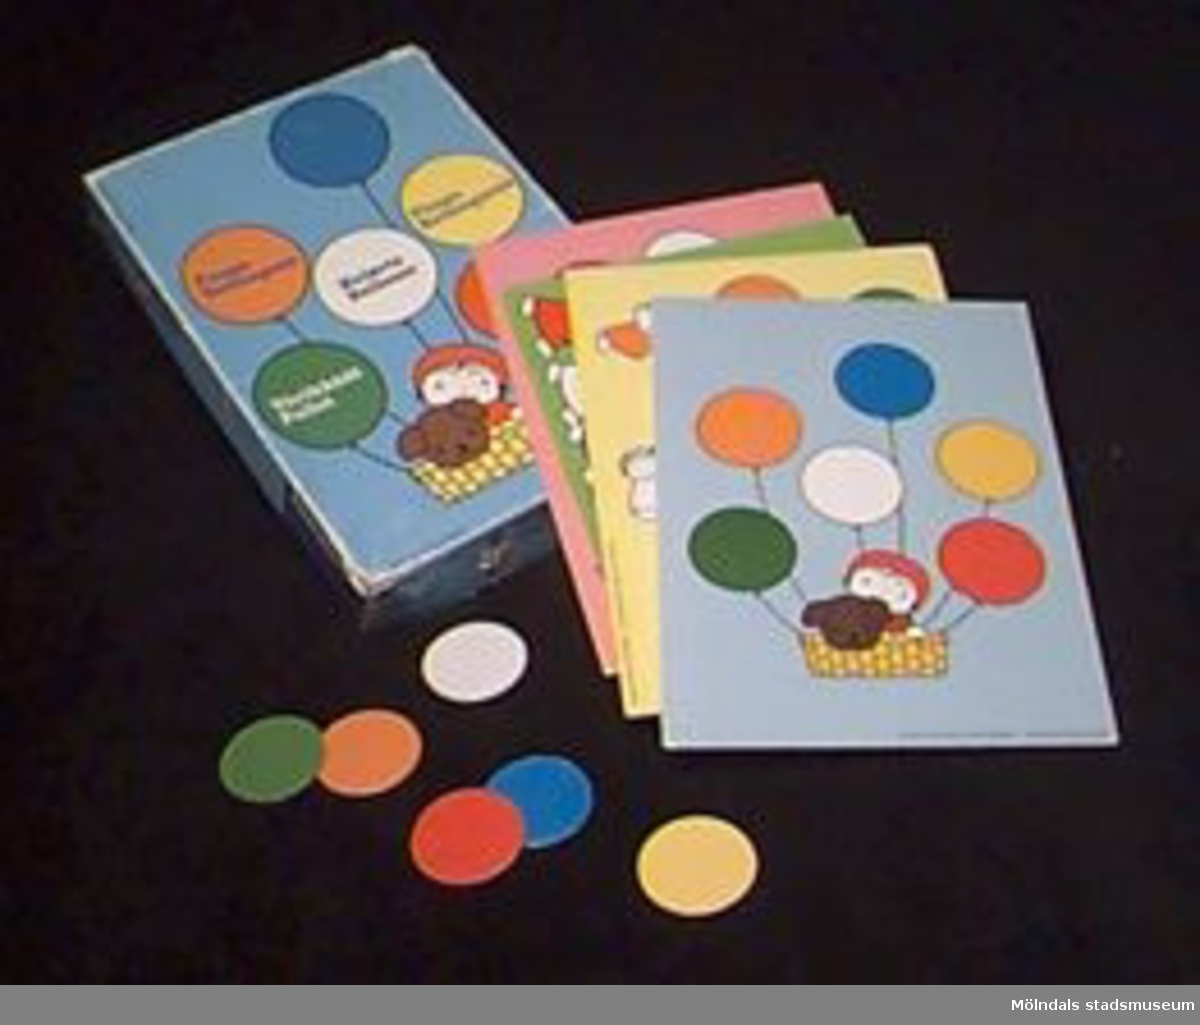 """Ask innehållande spel för barn 3-7 år. Spelets namn: """"Fånga ballongerna"""".Asken innehåller fyra spelbrickor (L: 270 mm. B: 190 mm.) i skilda färger med plats att placera ut sex ballonger på vardera bricka. Dessutom 24 ballonger (4 gula, 4 gröna, 4 vita, 4 blåa, 4 oranga och 4 röda) i form av runda pappbrickor (40 mm i diam).Spelregler och tärning saknas.Tidigare sakord: spel, leksaks-.Katrinebergs daghem var daghem."""